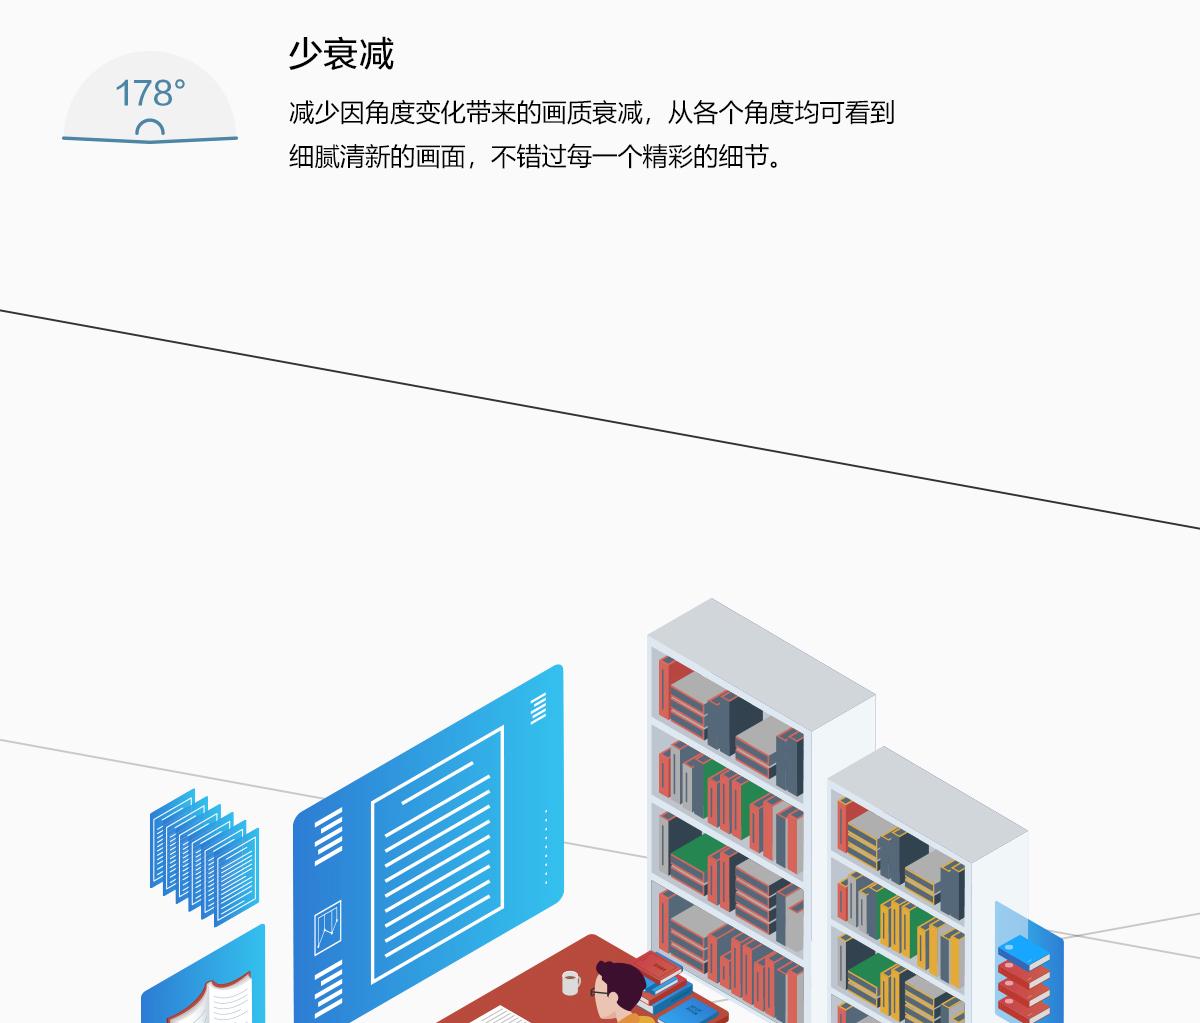 Thinkpad T22v